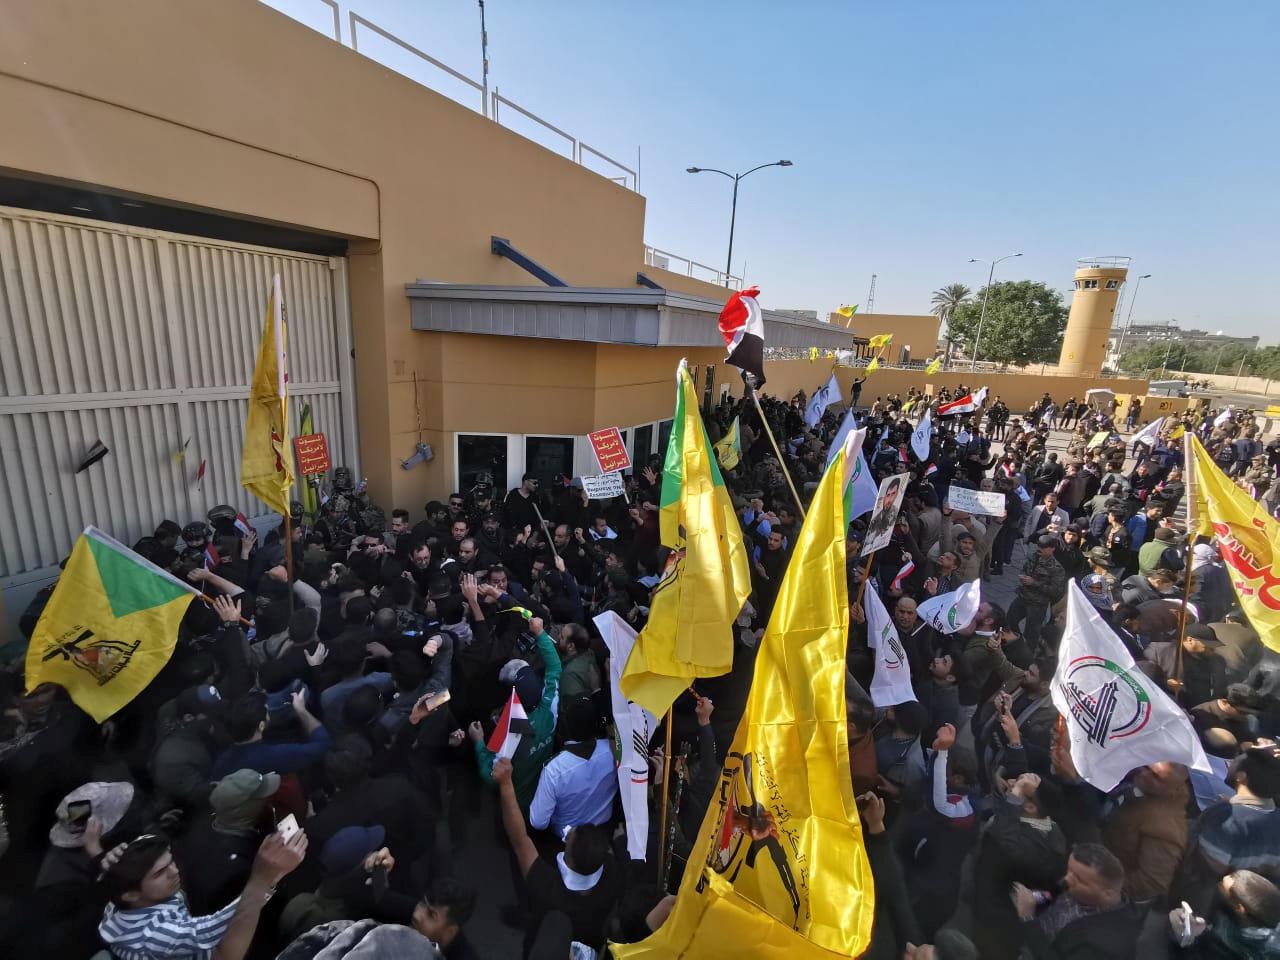 Dân chúng biểu tình trước đại sứ quán Mỹ tại Bagdad, Irak, phản đối chiến dịch oanh làm 25 người thiệt mạng. Ảnh ngày 31/12/2019.